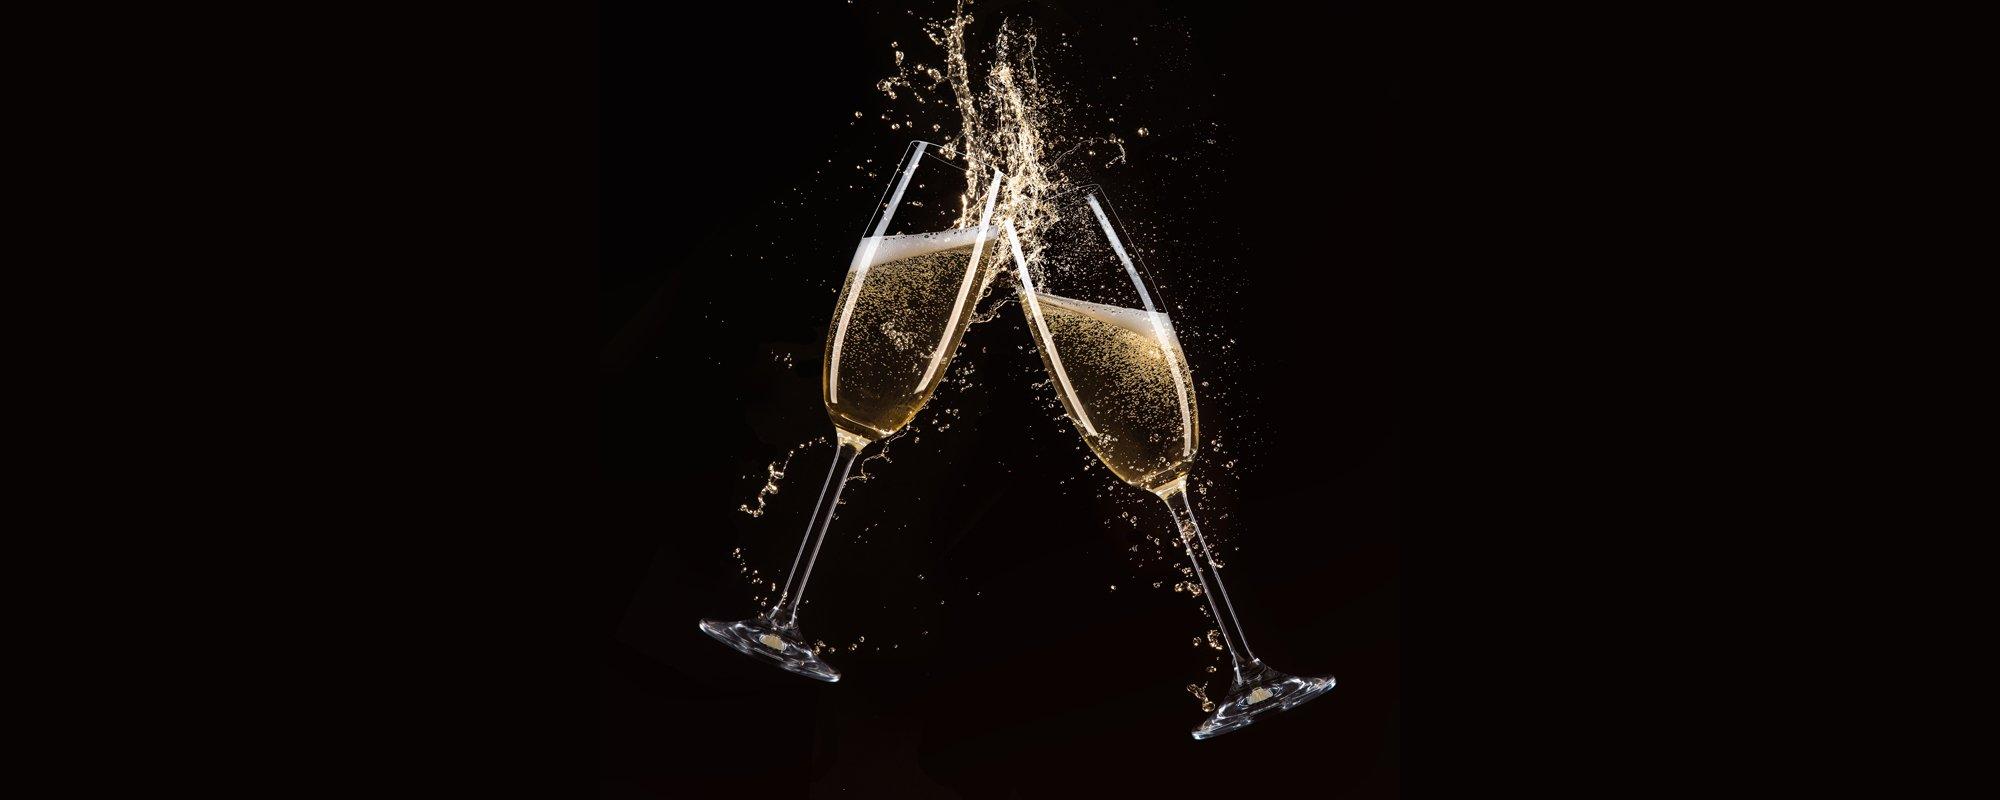 brindisi di due bicchieri di champagne